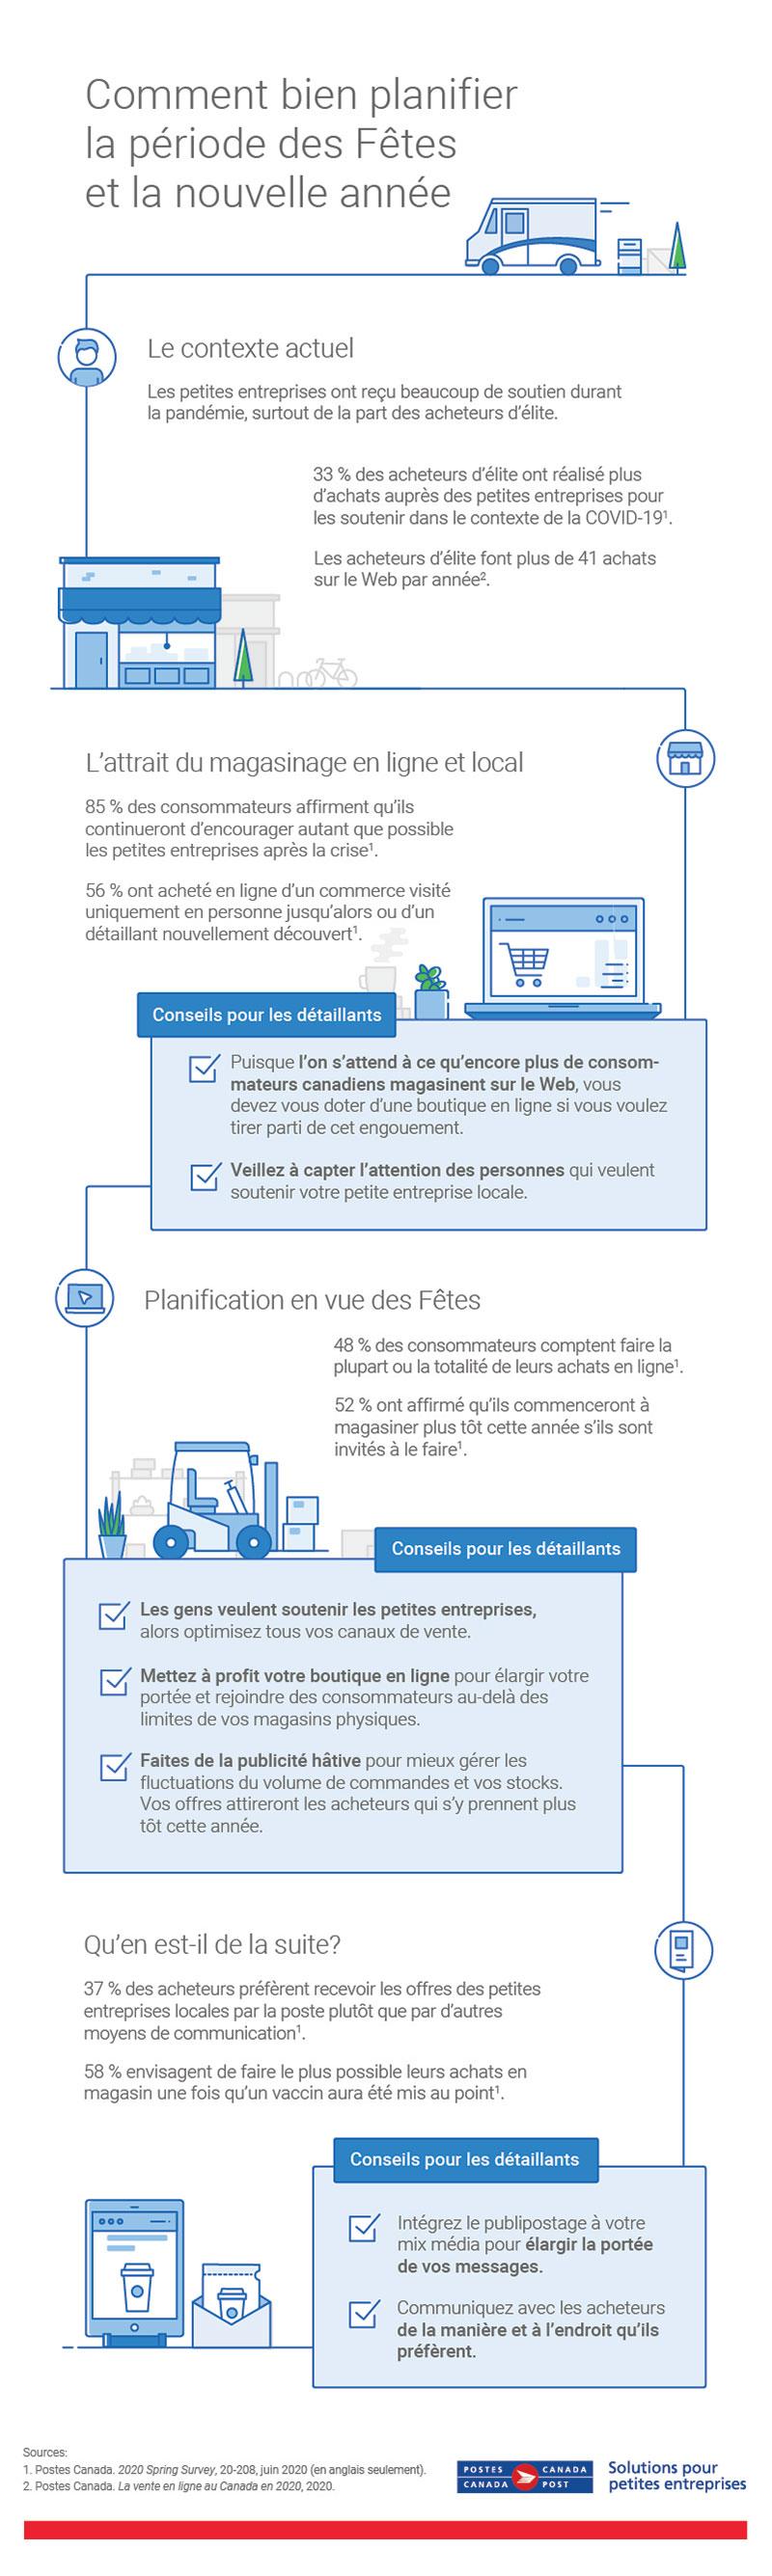 Résumé graphique présentant les renseignements clés sur les acheteurs tirés de la recherche sur le cybercommerce de Postes Canada qui aidera les entreprises à se démarquer pendant les Fêtes de 2020, et au-delà. Cliquez sur l'image pour consulter le PDF accessible.